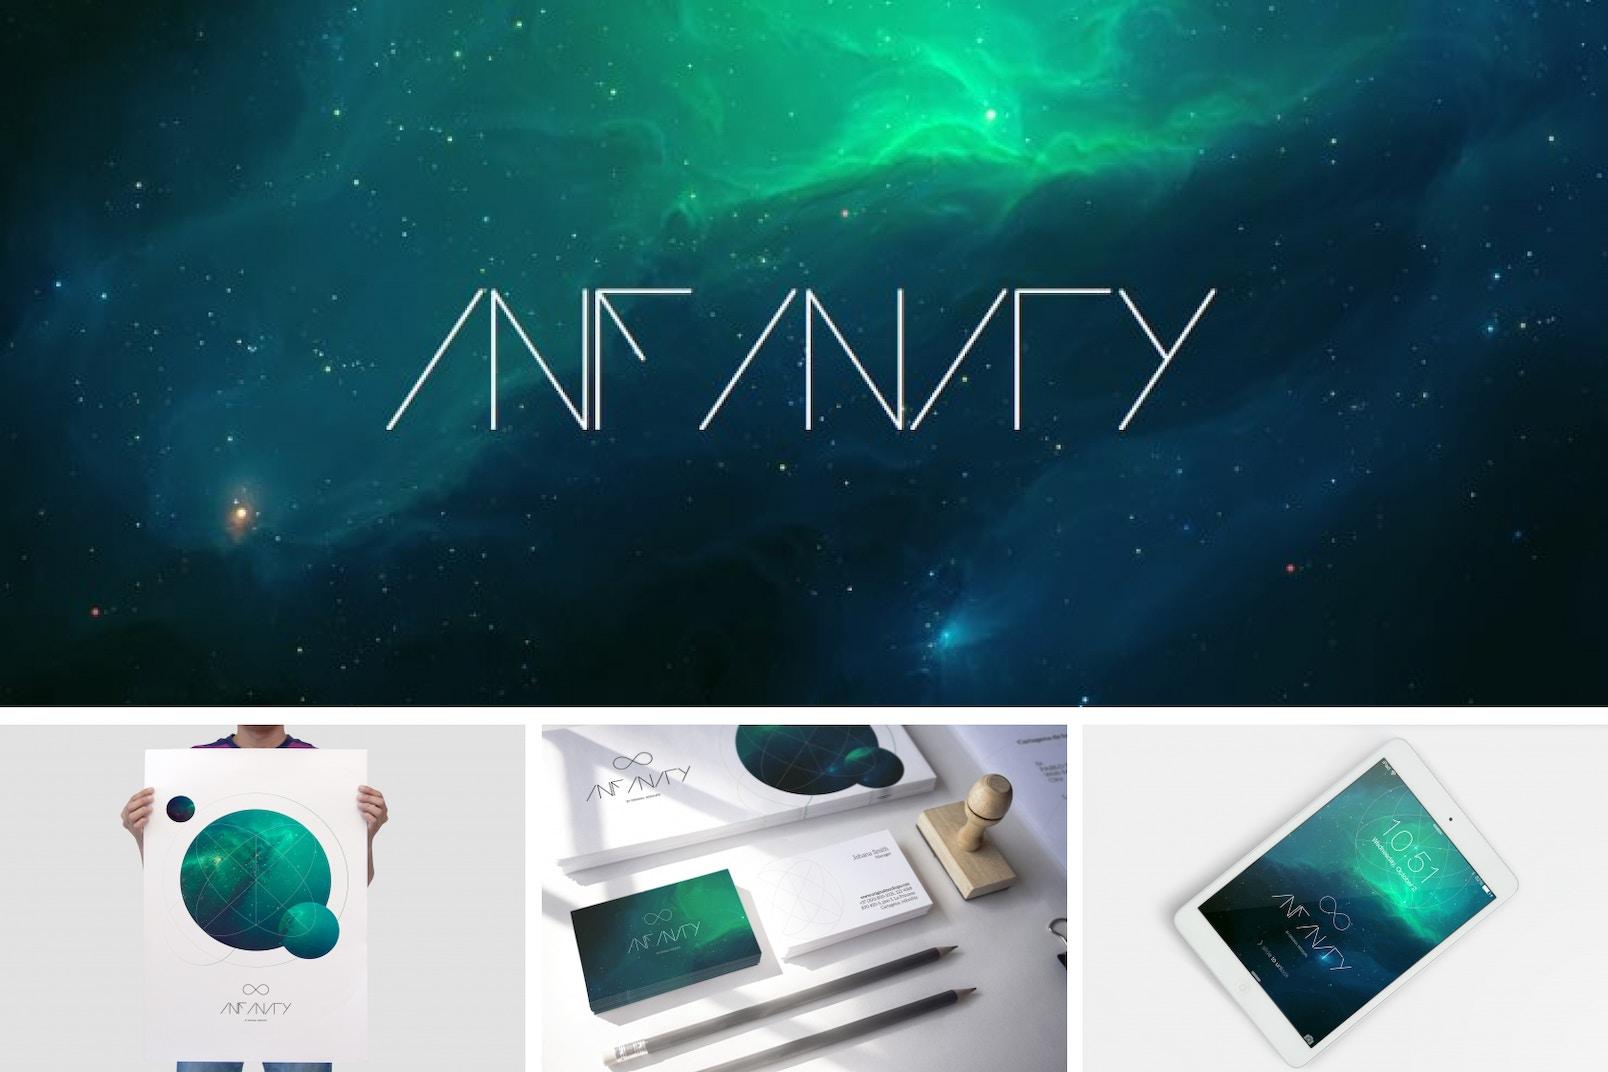 Infinity Mockup Bundle Poster